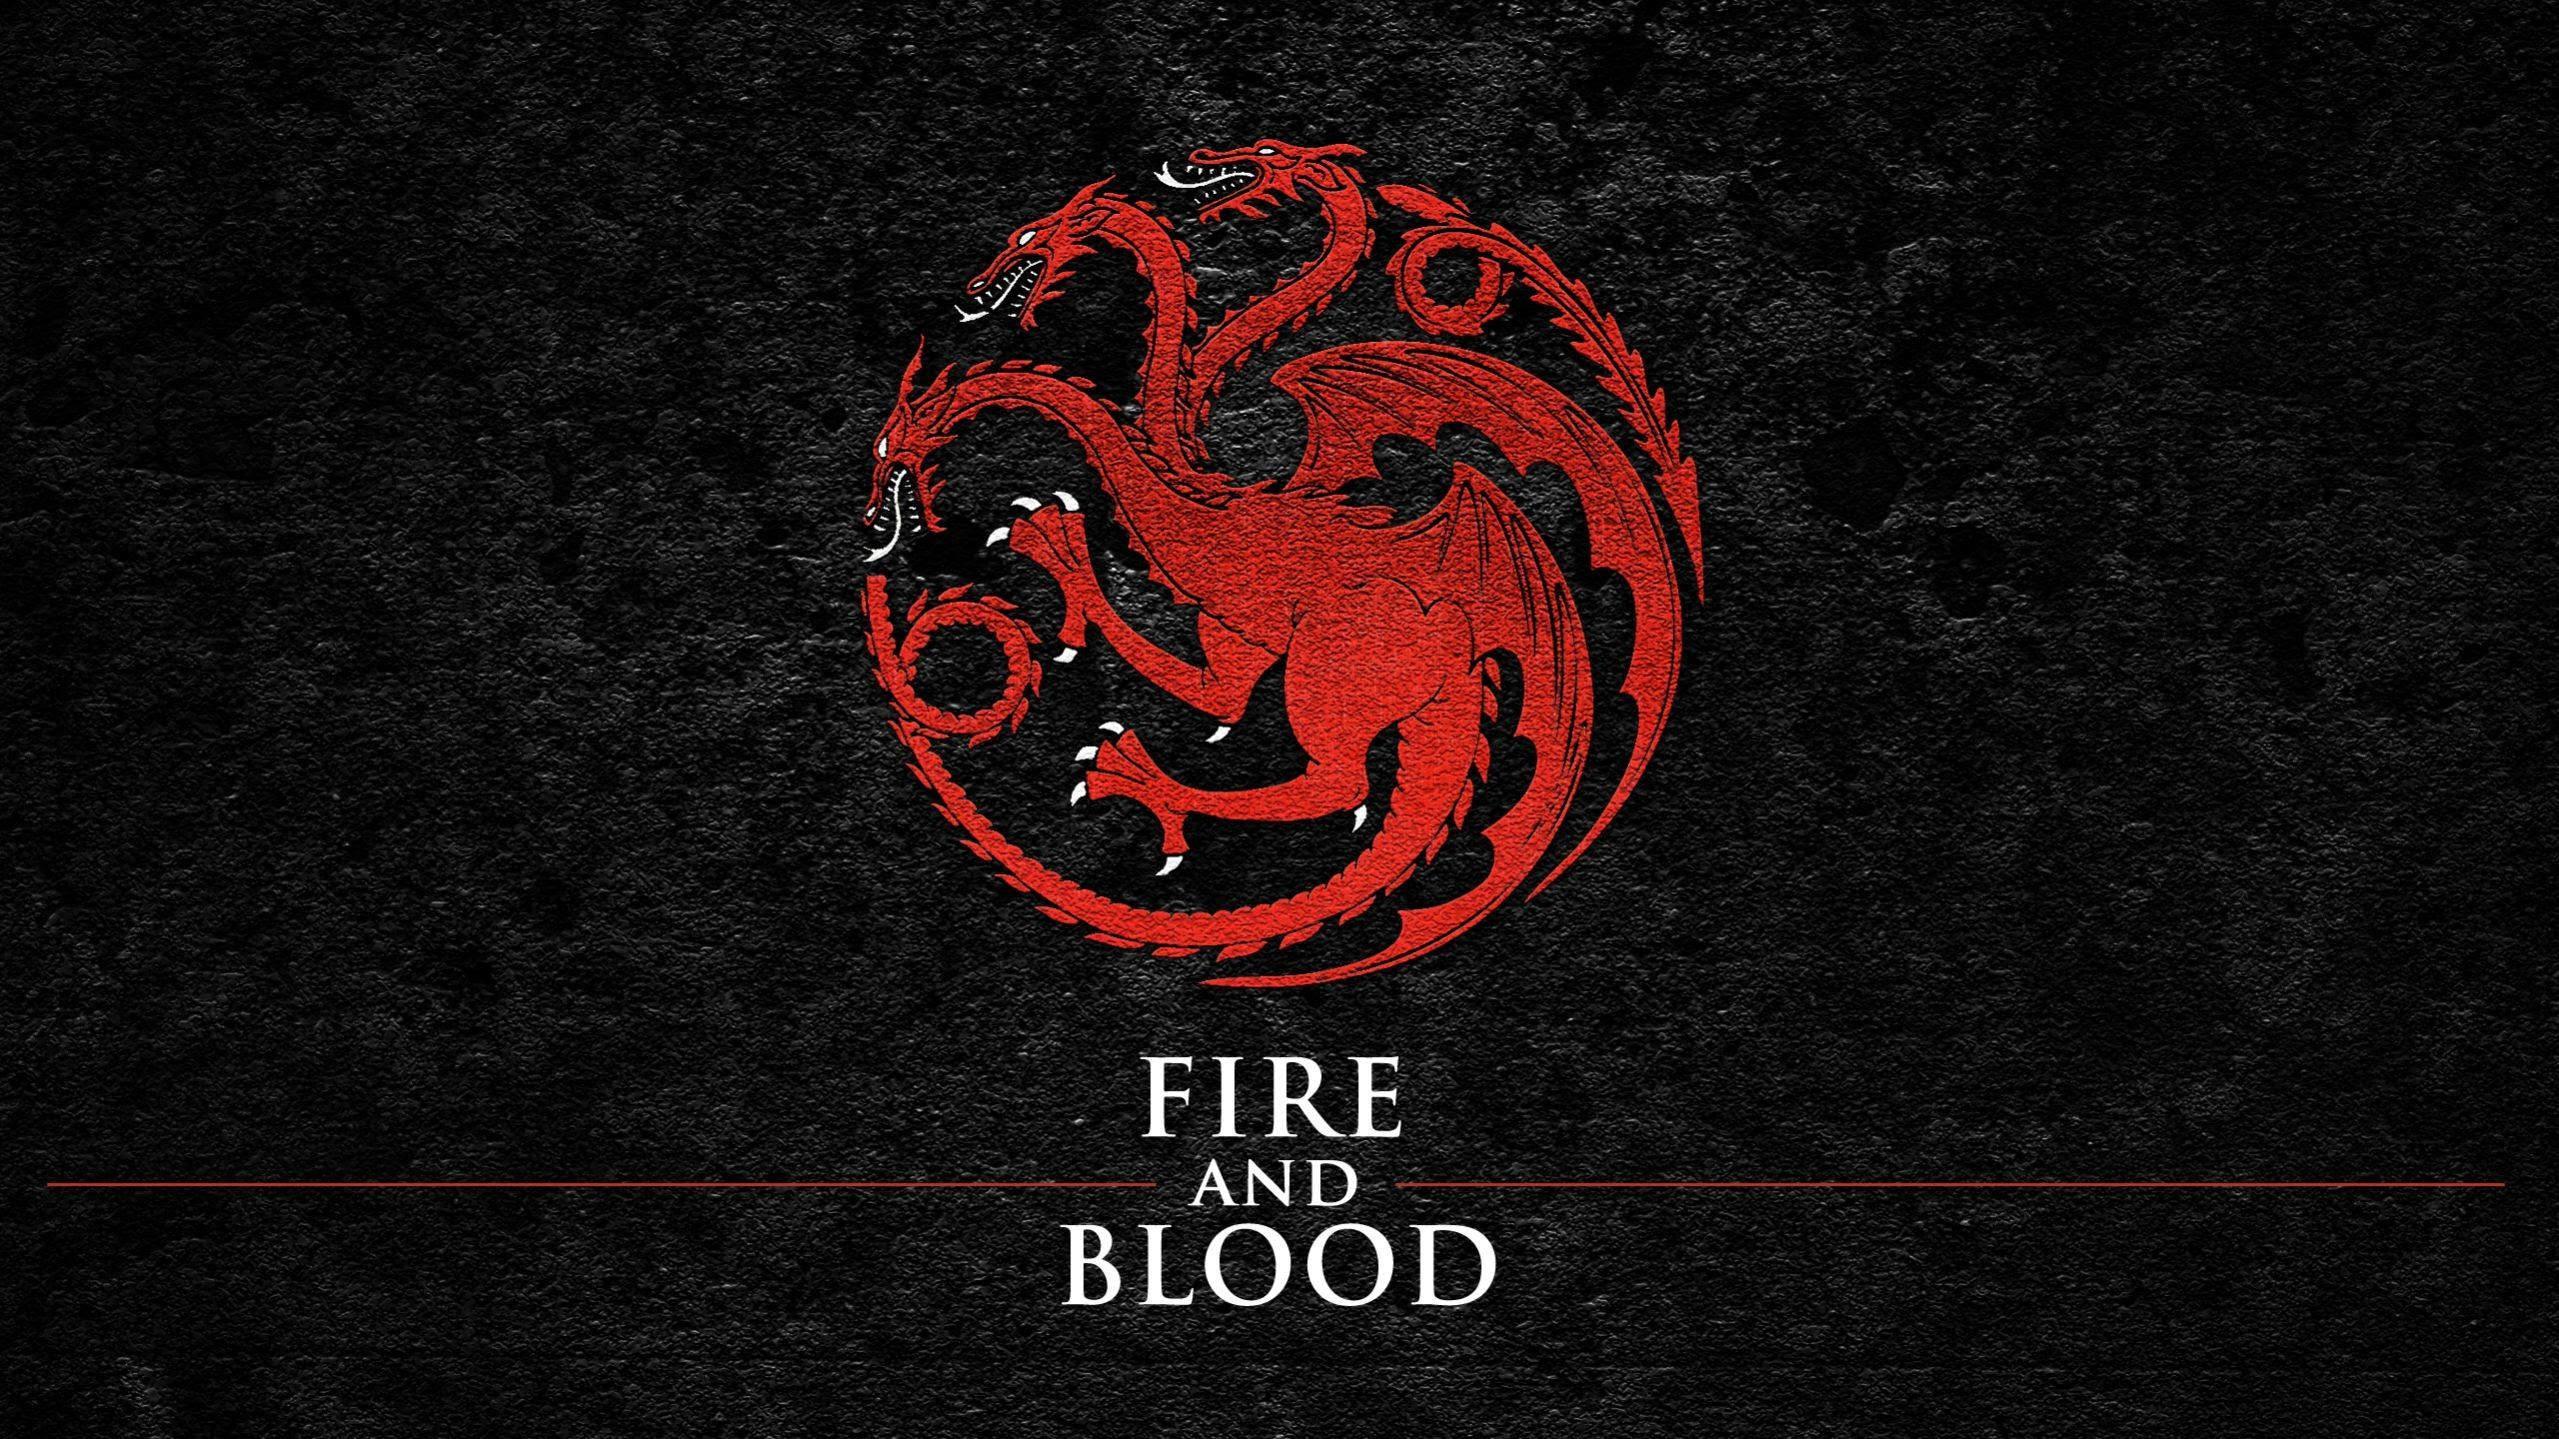 Targaryen Sigil Wallpaper 71 Images